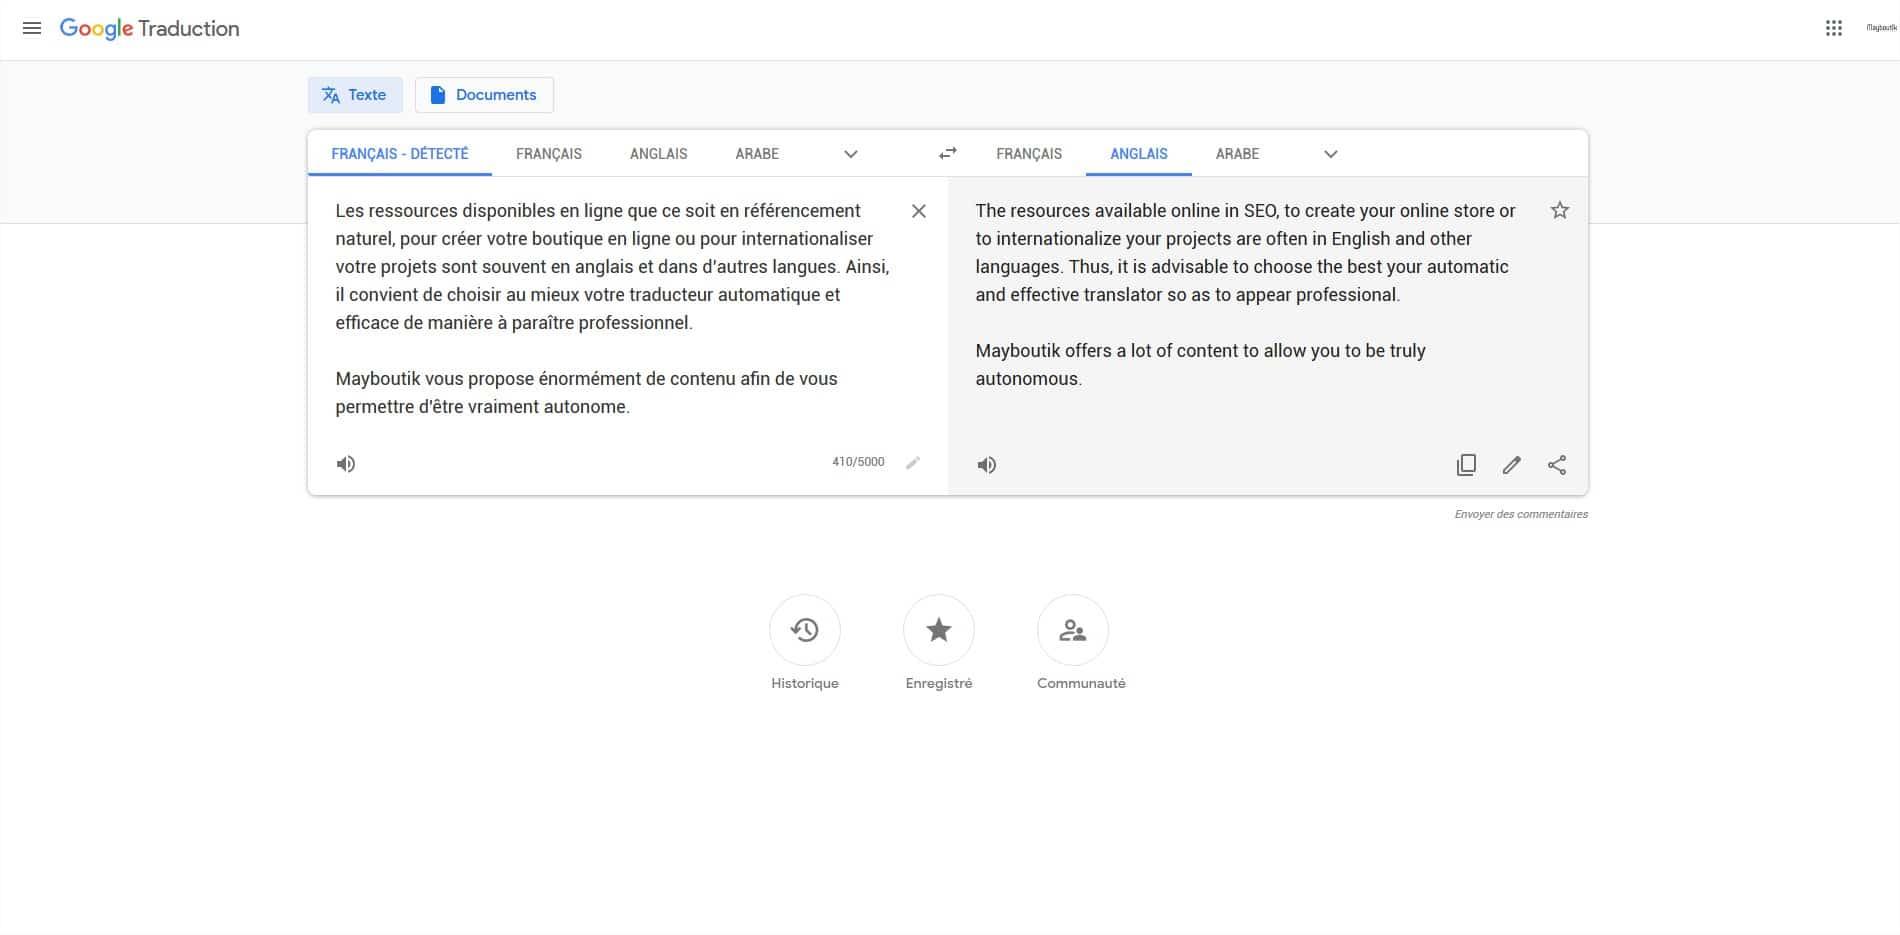 Google-Traduction-Outils-ligne-Traducteur